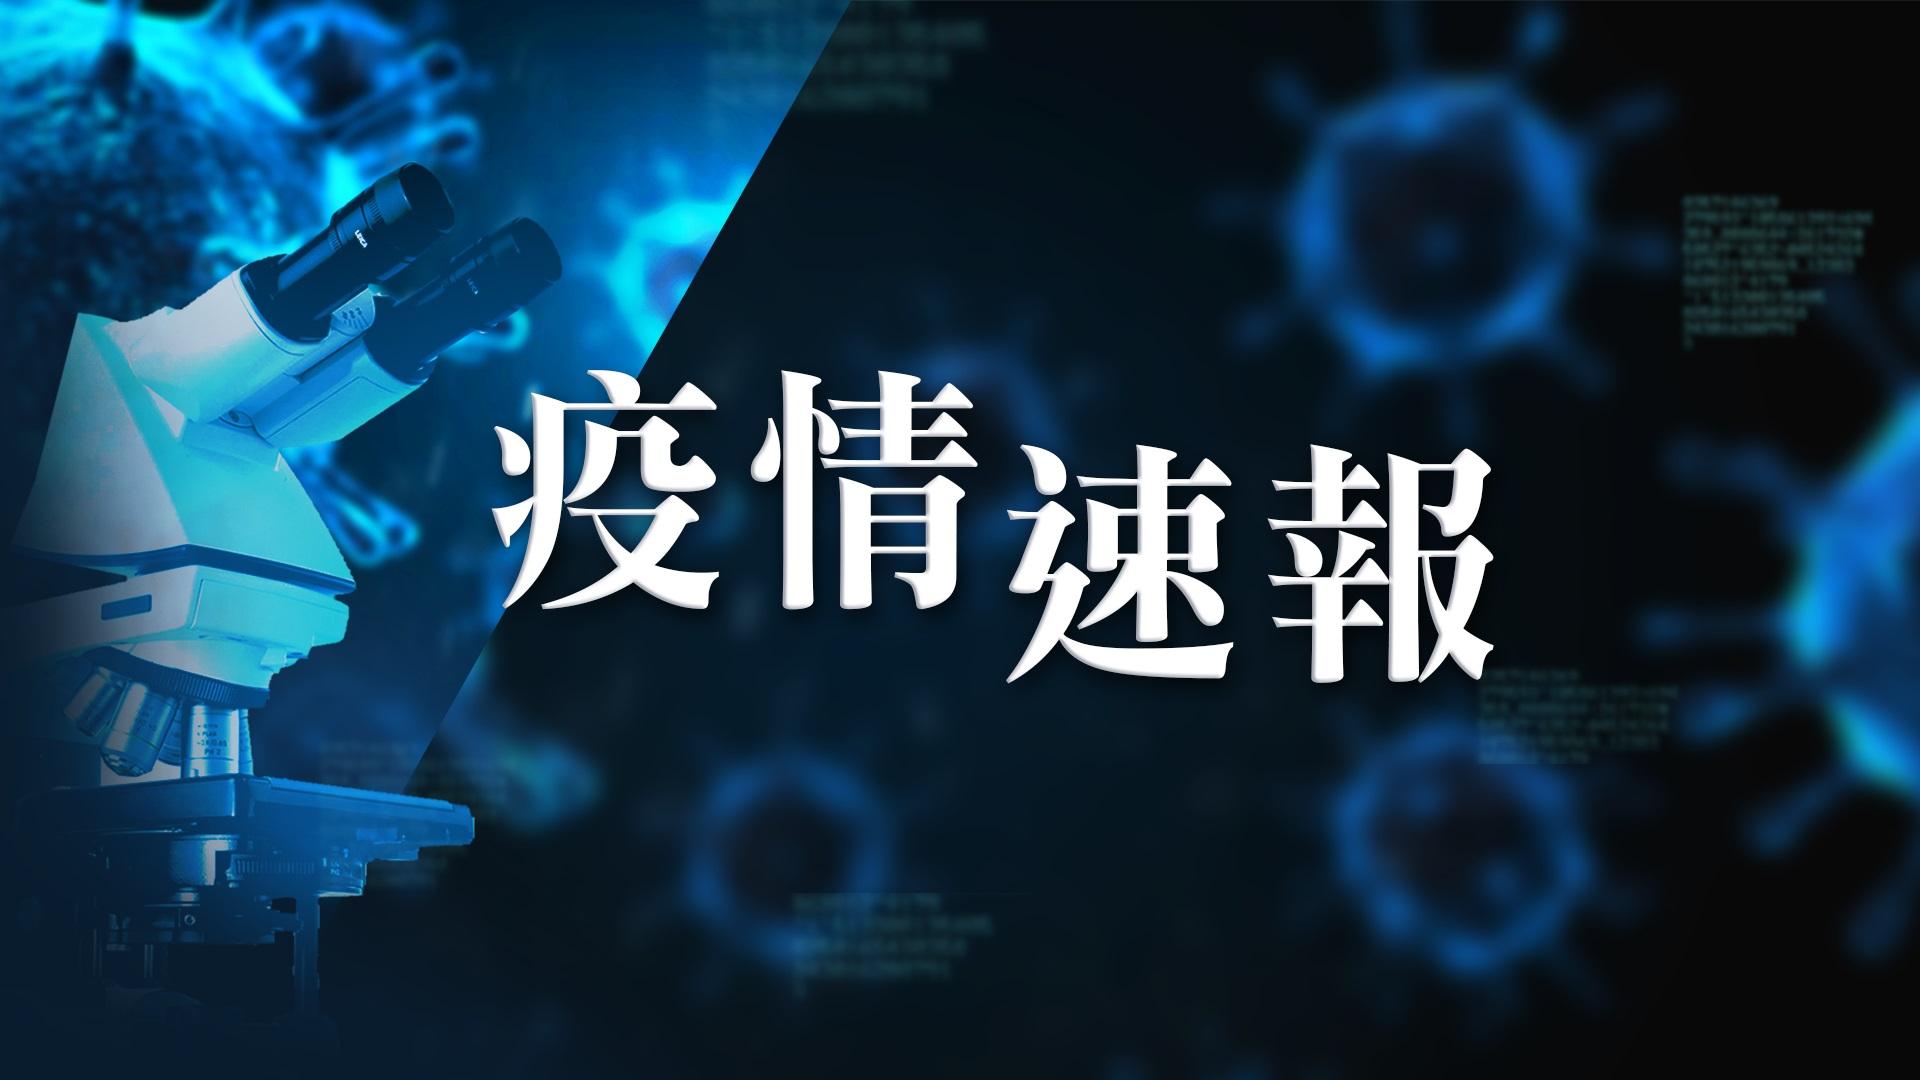 【6月21日疫情速報】(23:40)